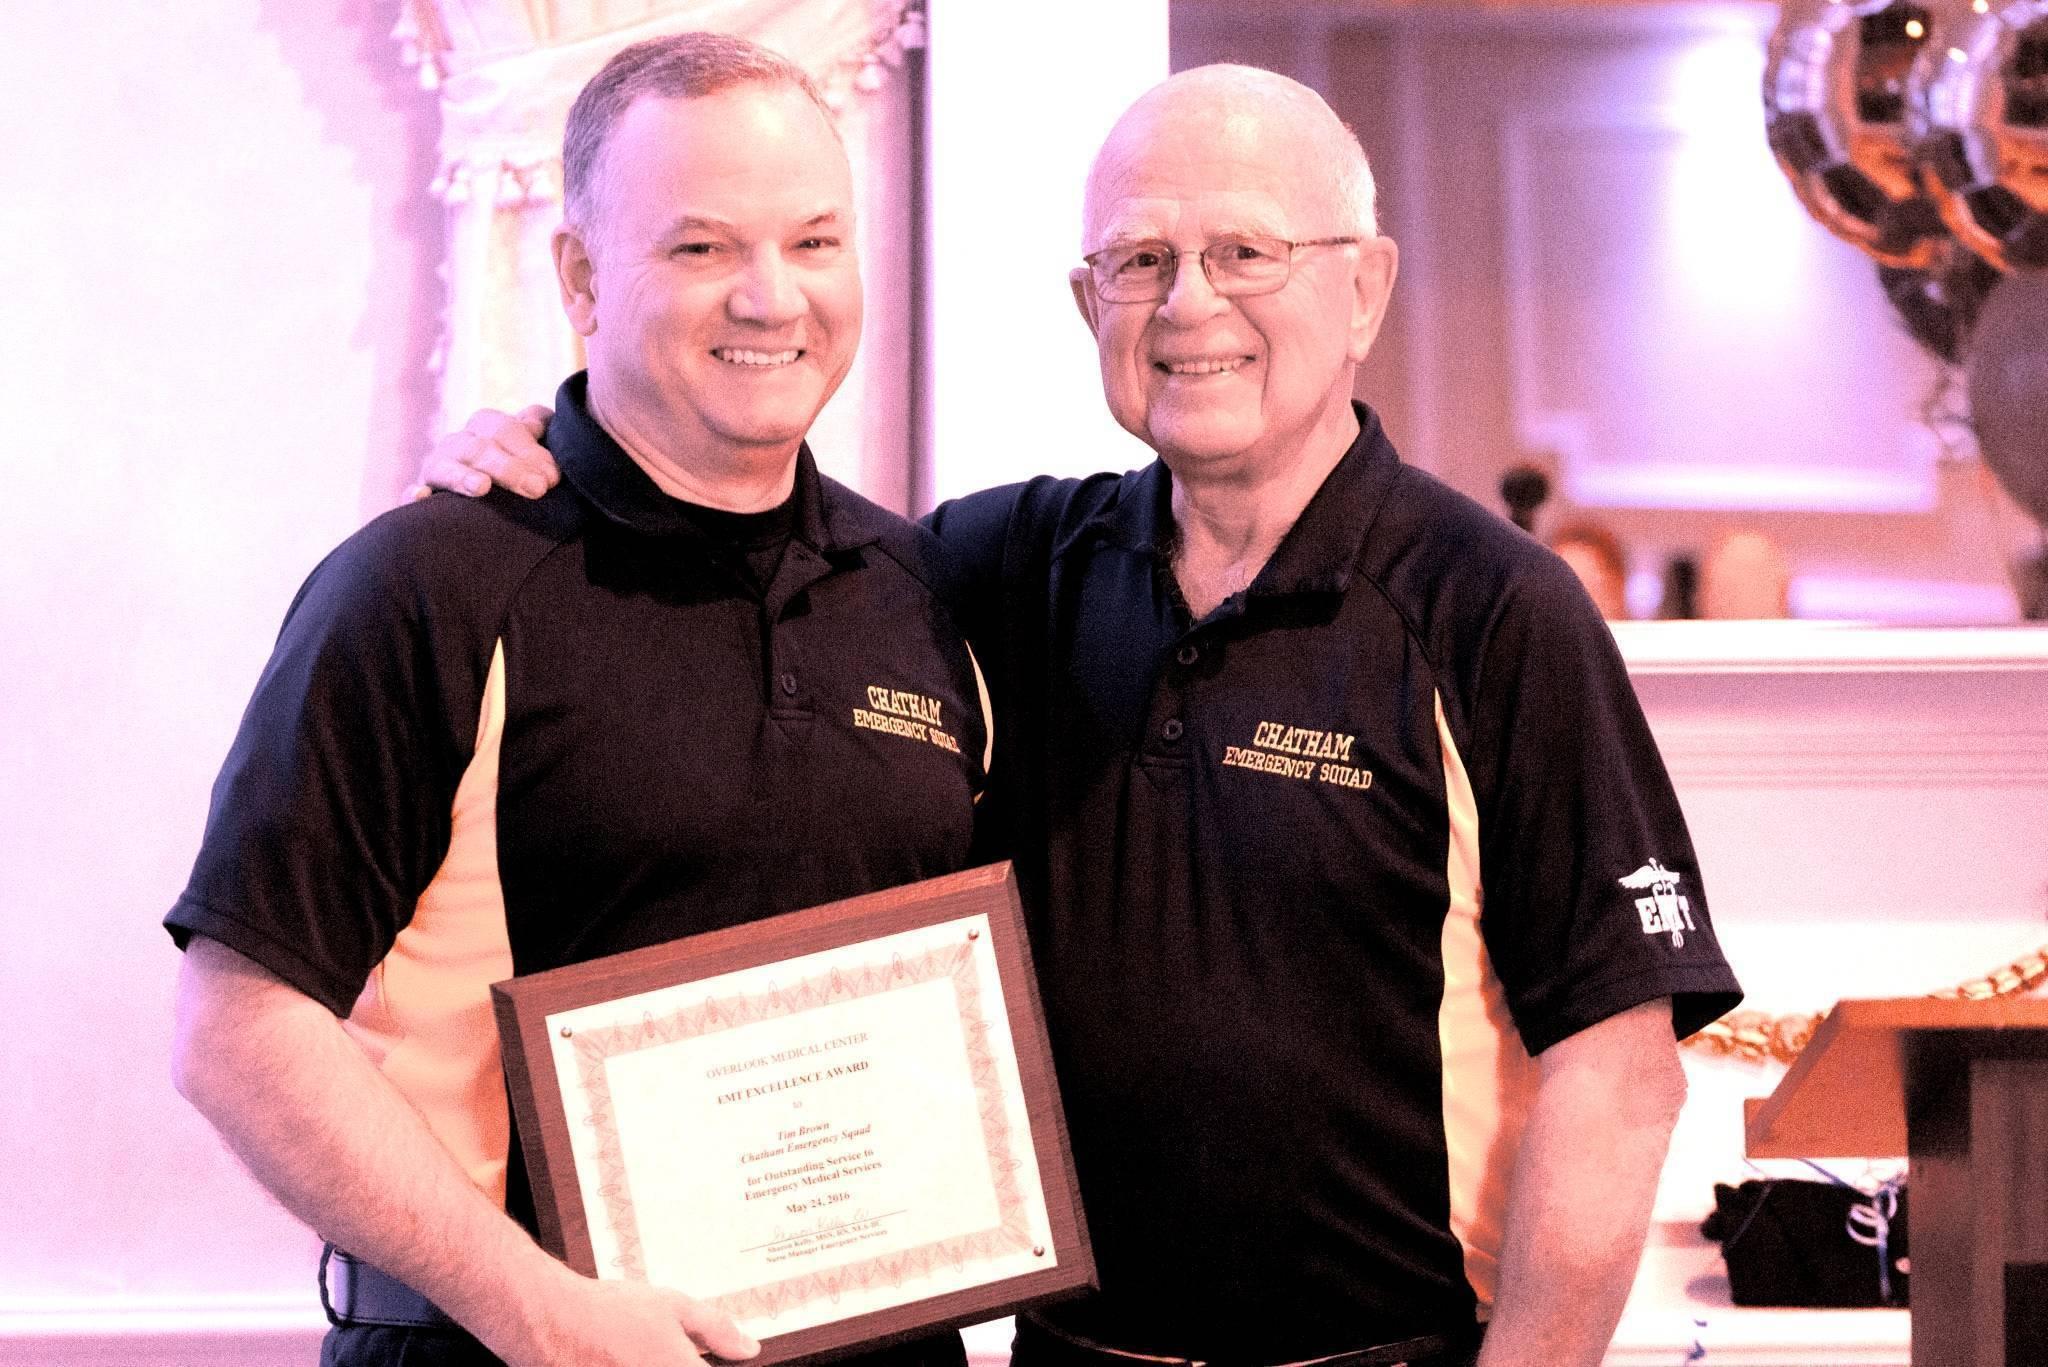 f788e88f598d7cabd5a8_4f25df06d4fadd614032_Tim_Brown_Chatham_EMS_Awards.jpg